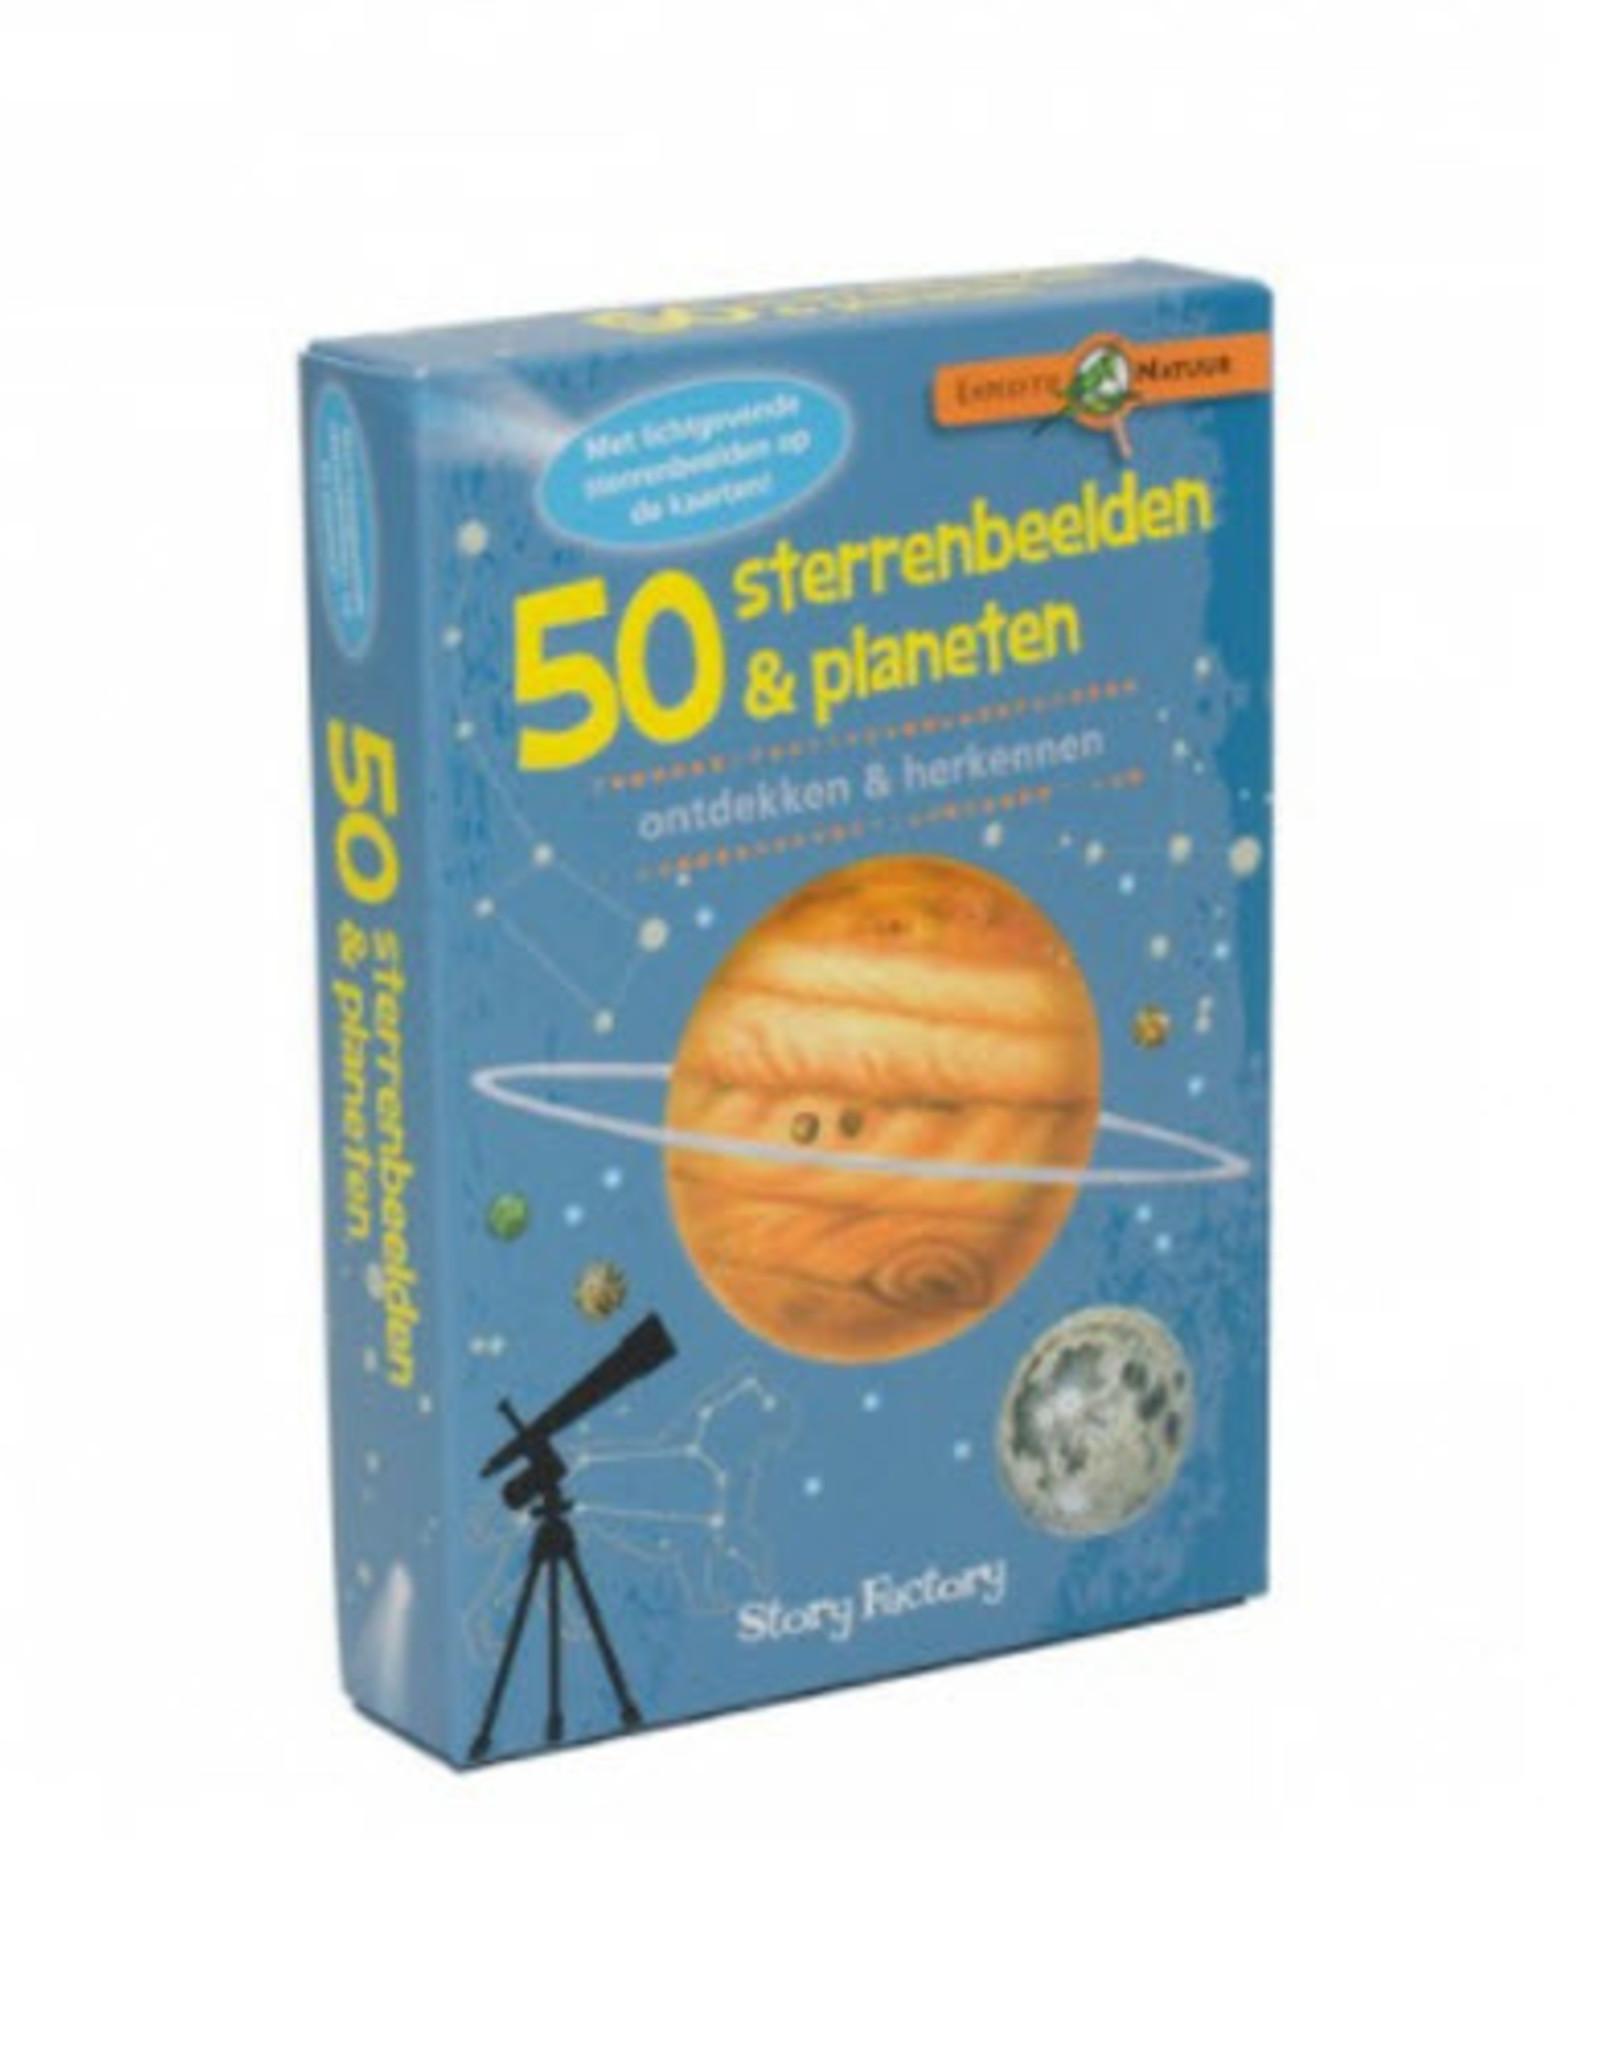 Boosterbox Spel 50 Sterrenbeelden en Planeten